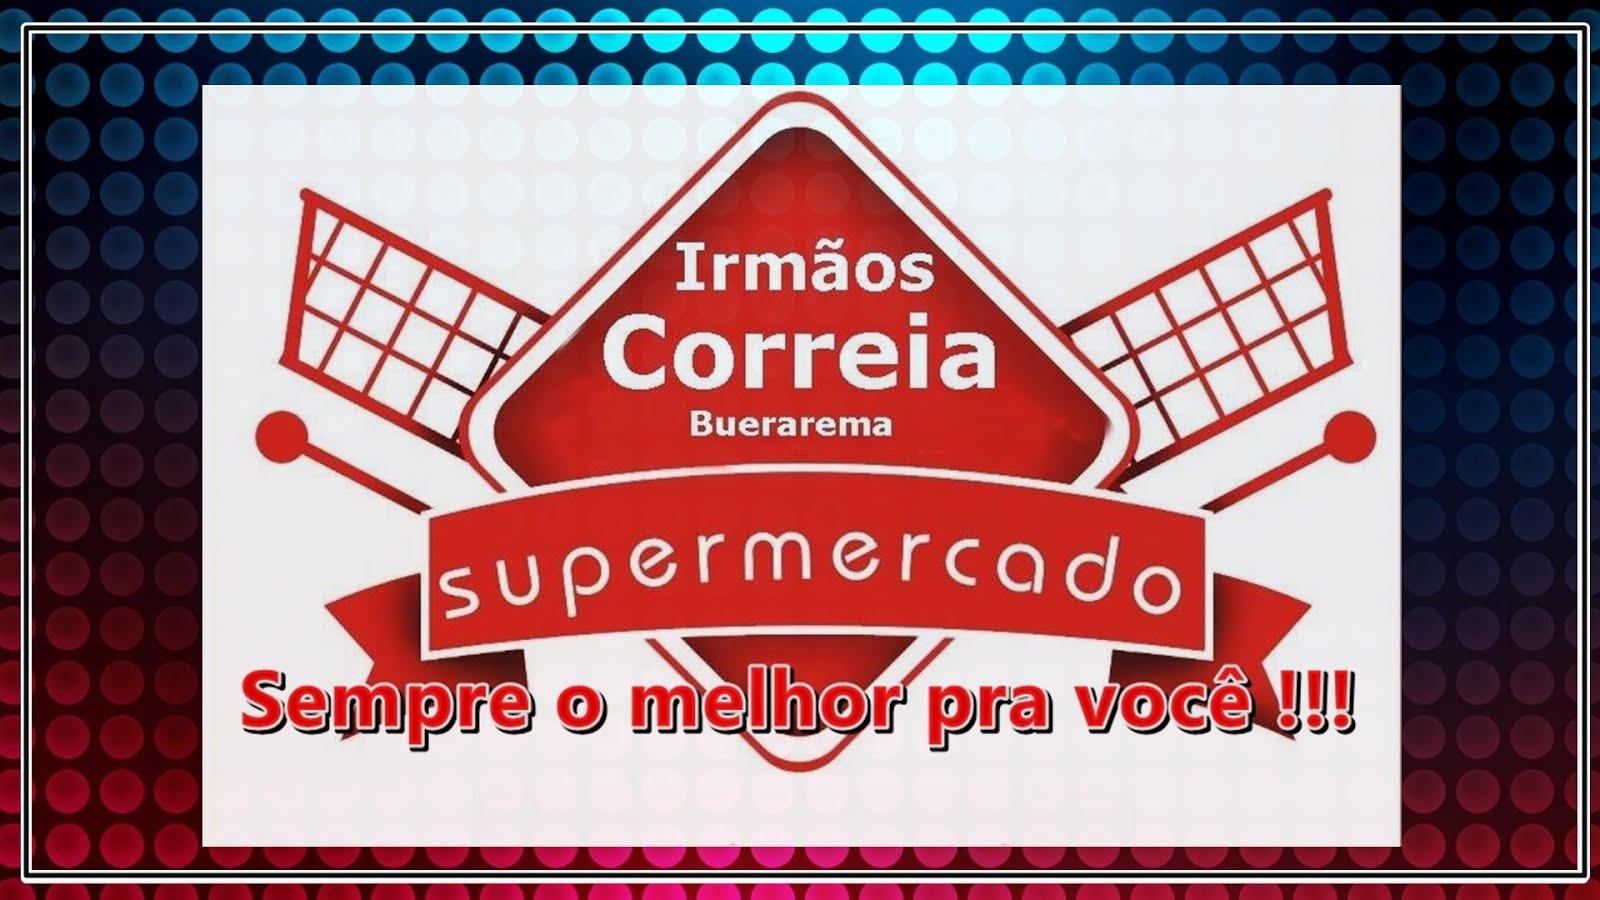 Irmãos Correia Supermercado